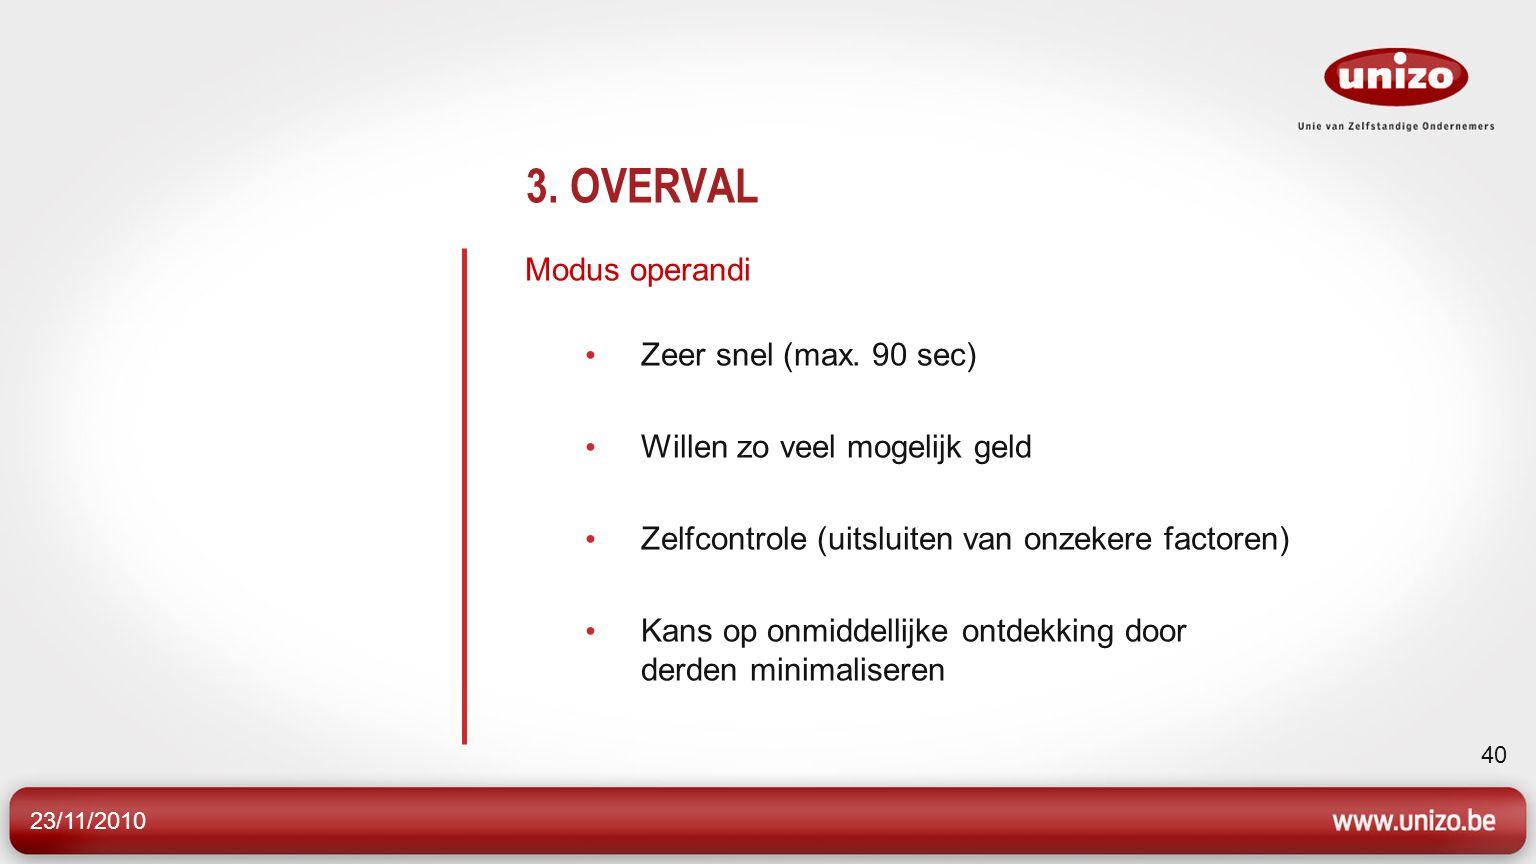 23/11/2010 40 3. OVERVAL Modus operandi Zeer snel (max. 90 sec) Willen zo veel mogelijk geld Zelfcontrole (uitsluiten van onzekere factoren) Kans op o